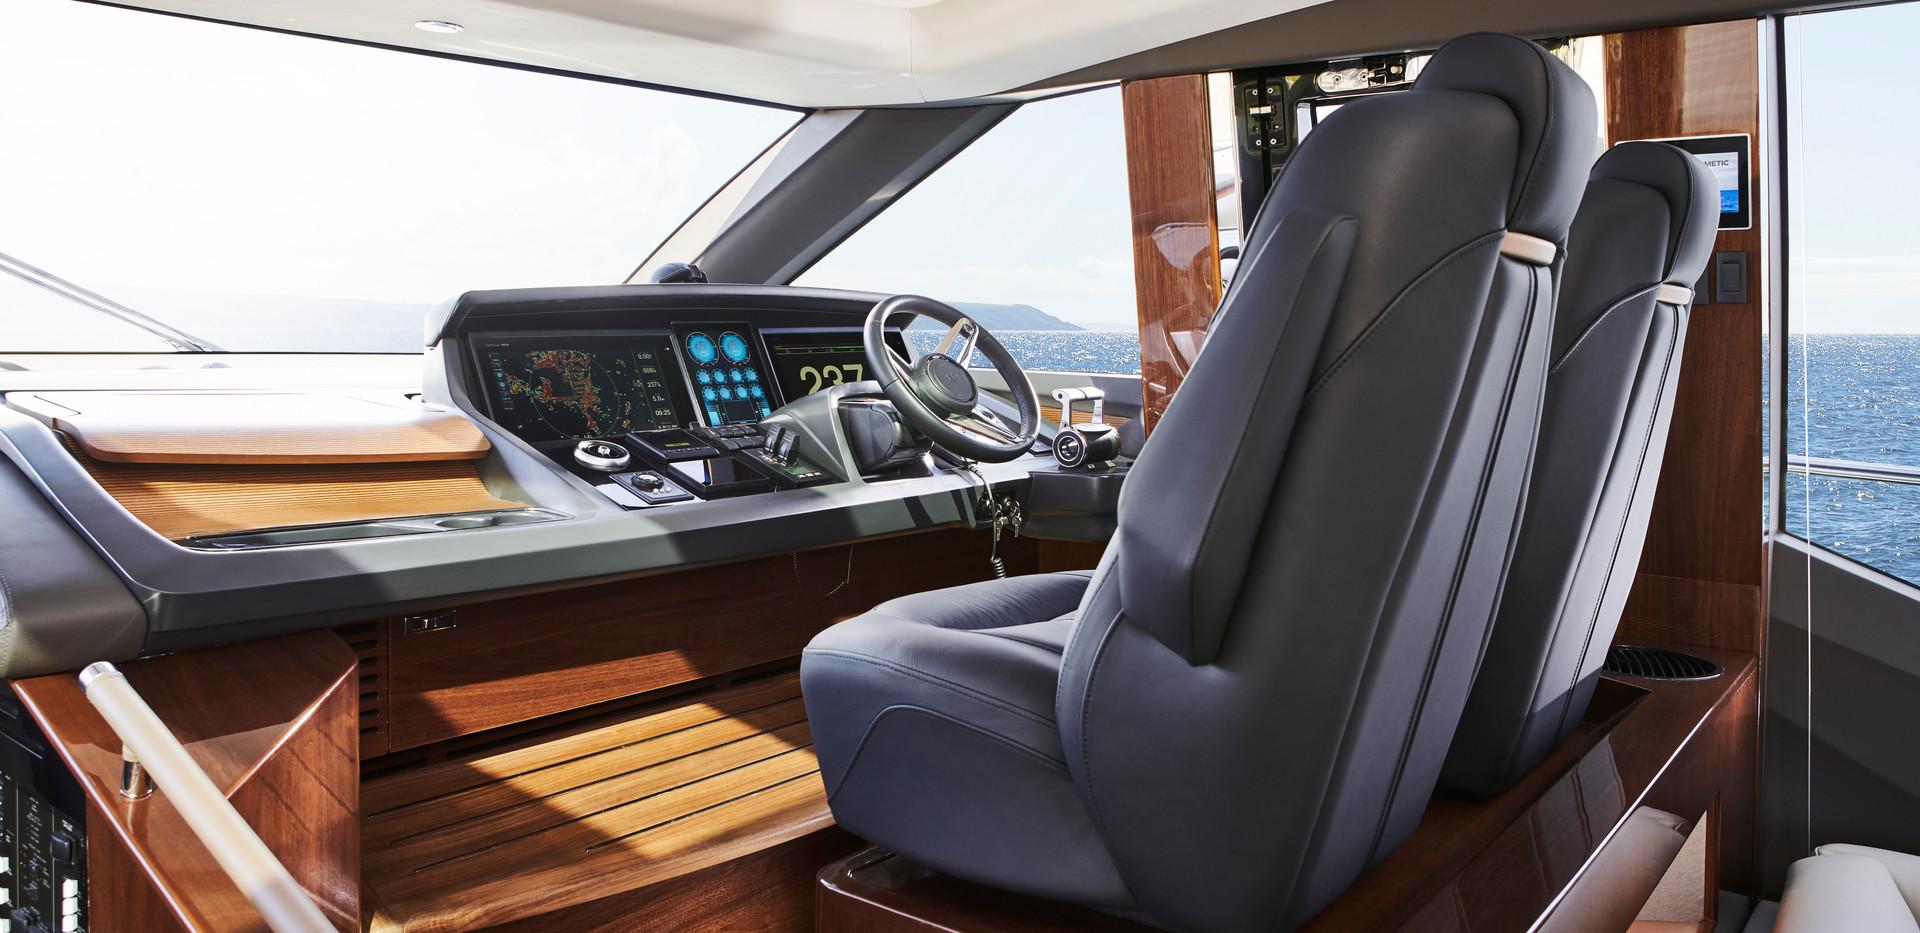 v78-interior-helm-walnut-gloss.jpg